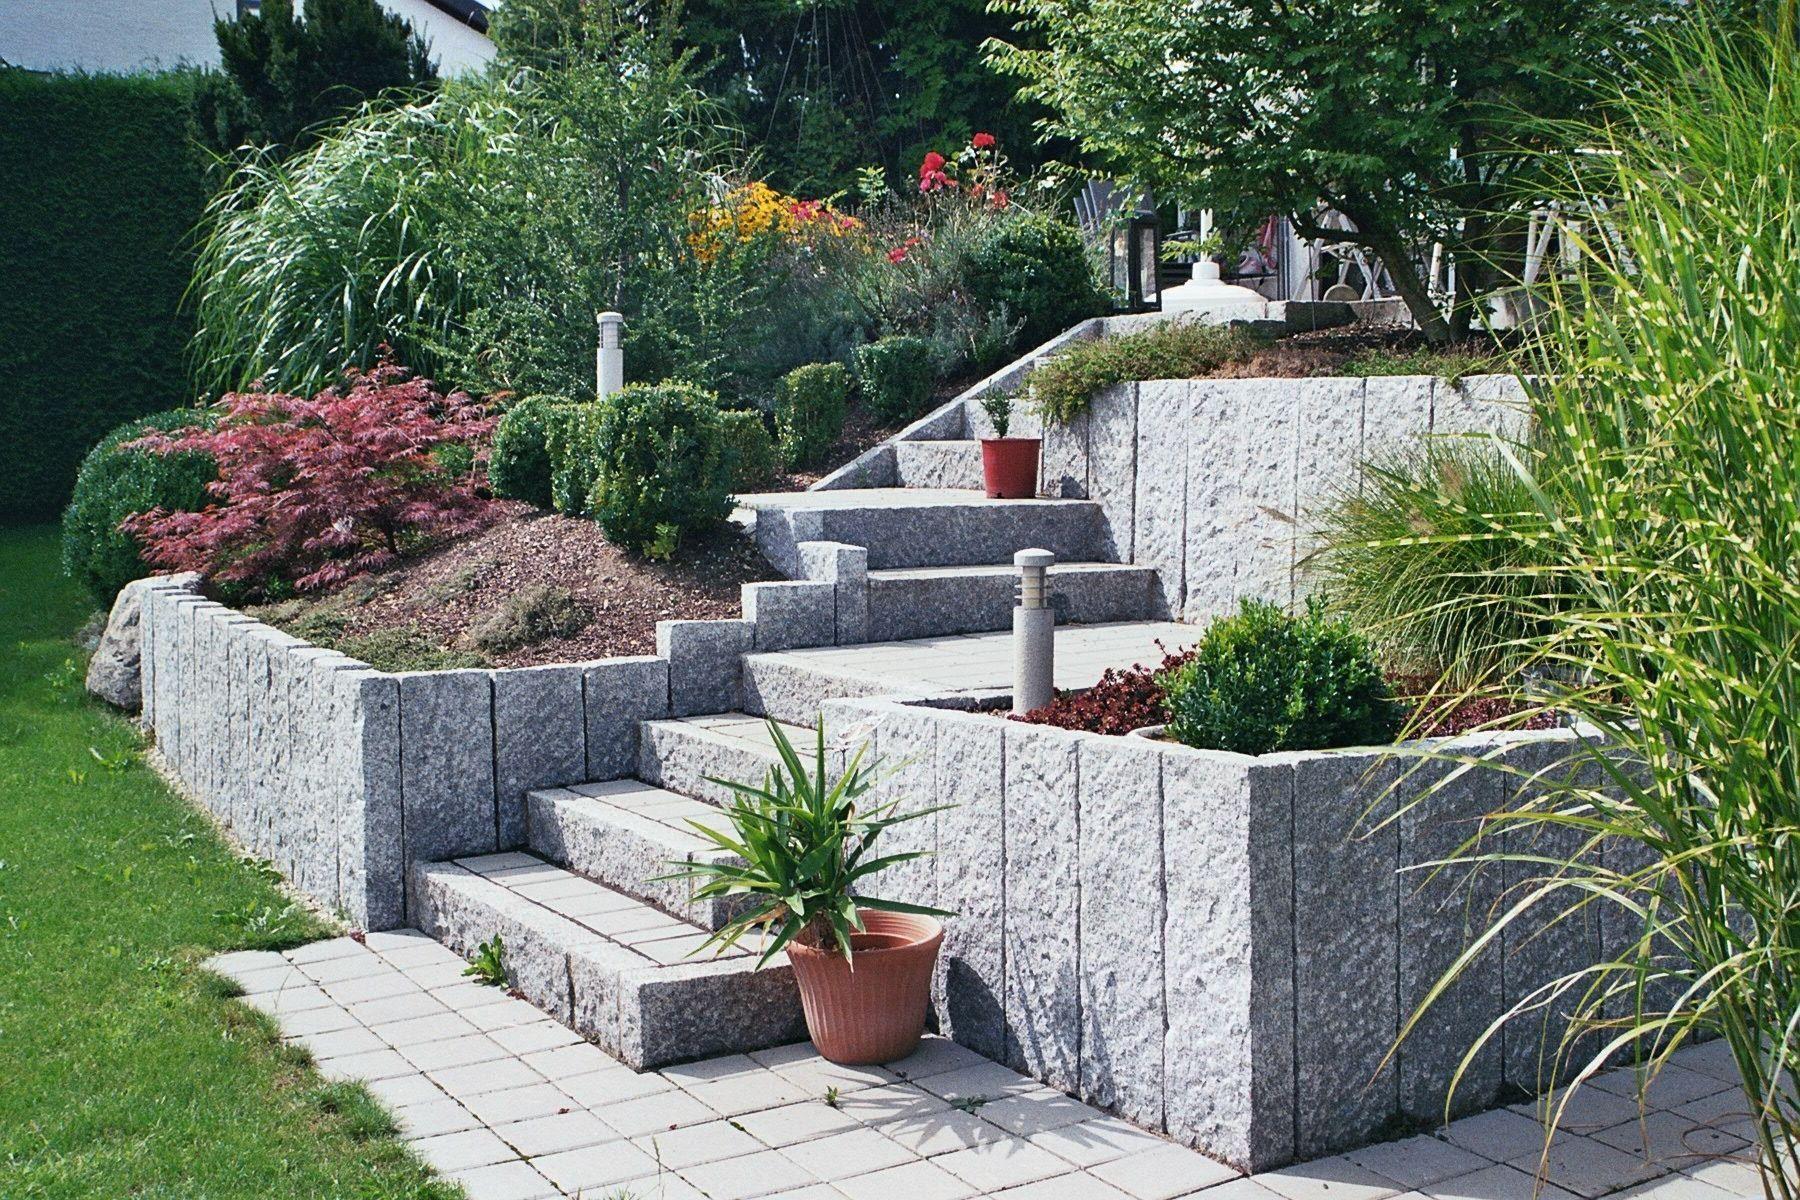 Auentreppeaussentreppe Garten Gartentreppe Garten Ideen